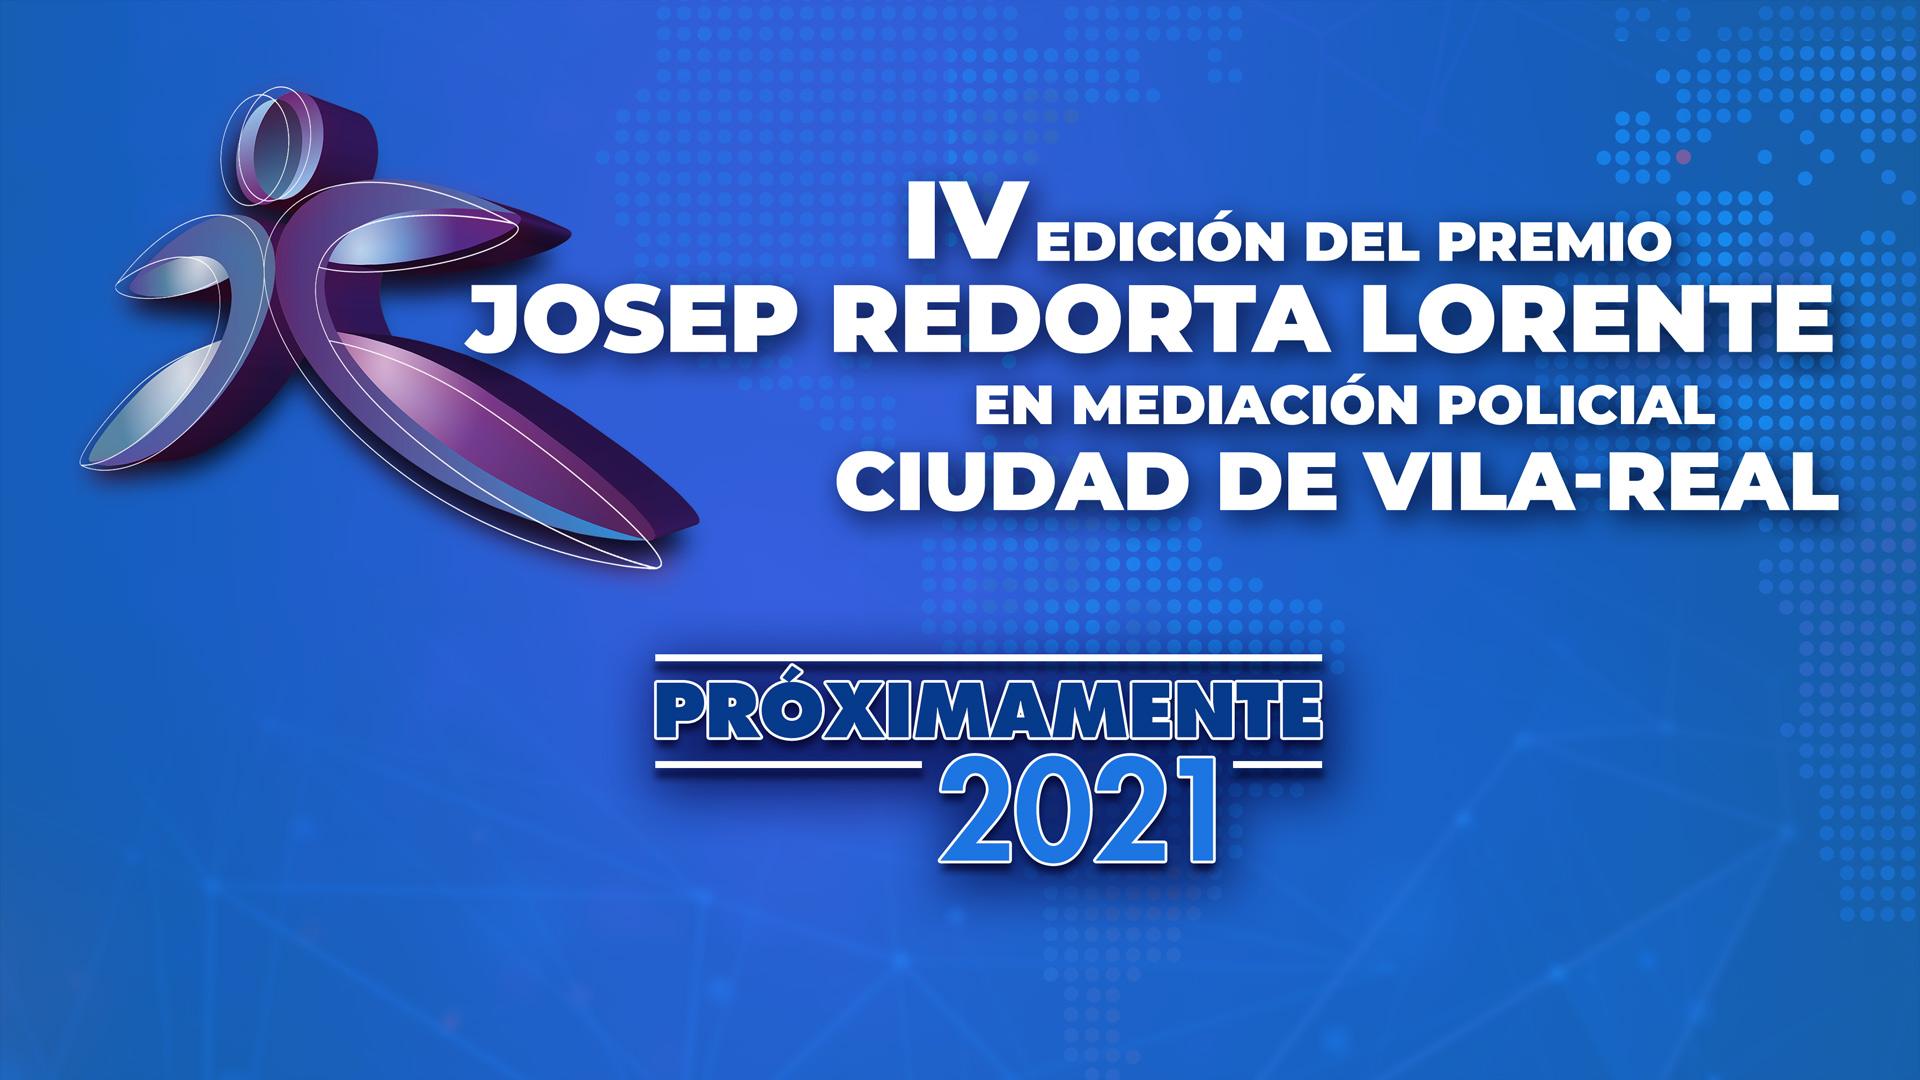 IV Edición del Premio Josep Redorta Lorente en Mediación Policial ciudad de Vila-real